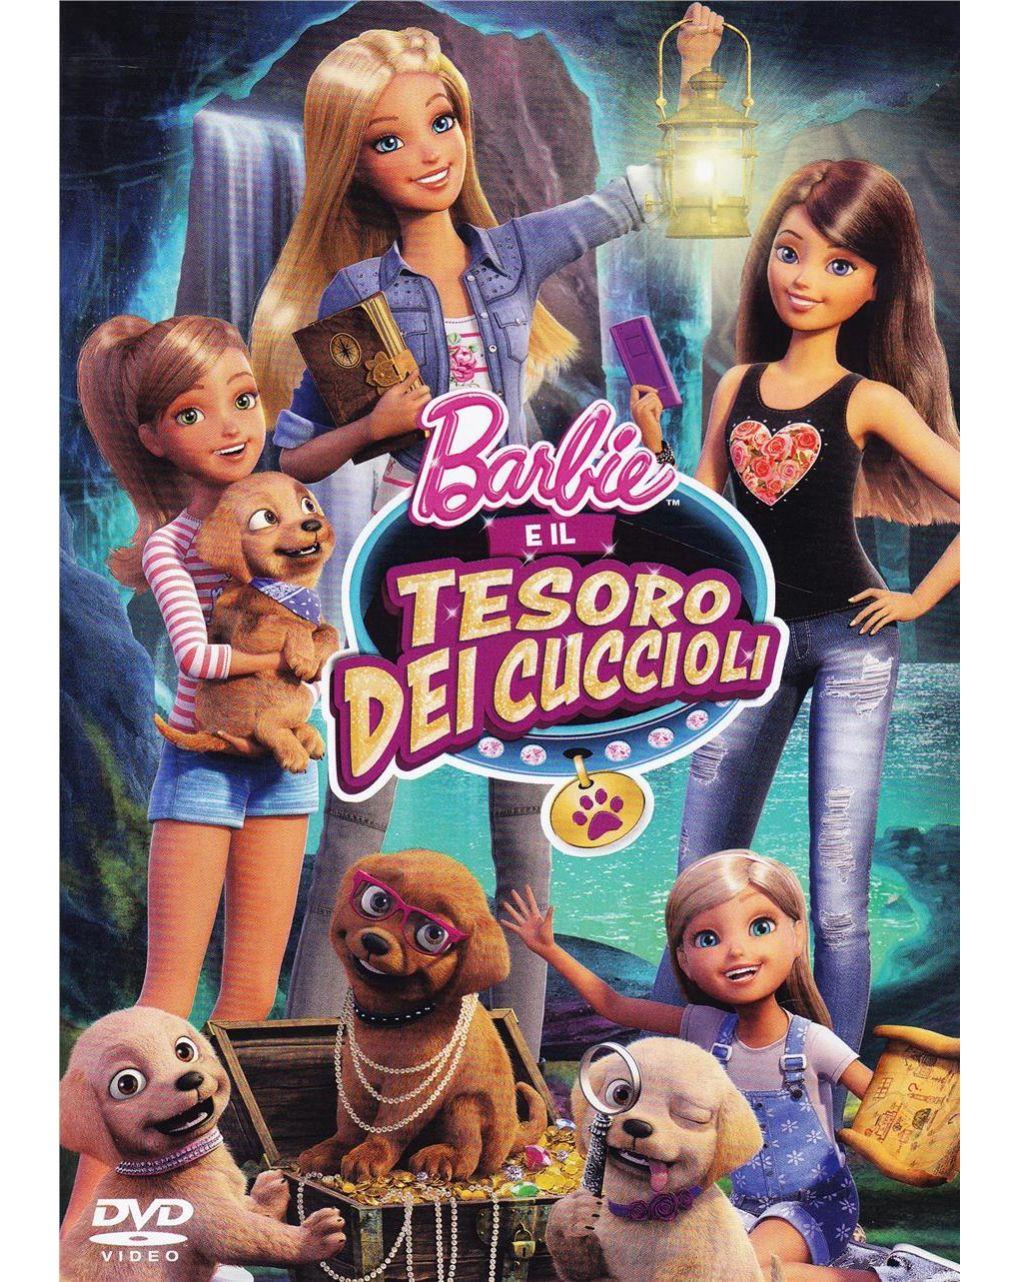 Dvd barbie e il tesoro dei cuccioli - Video Delta